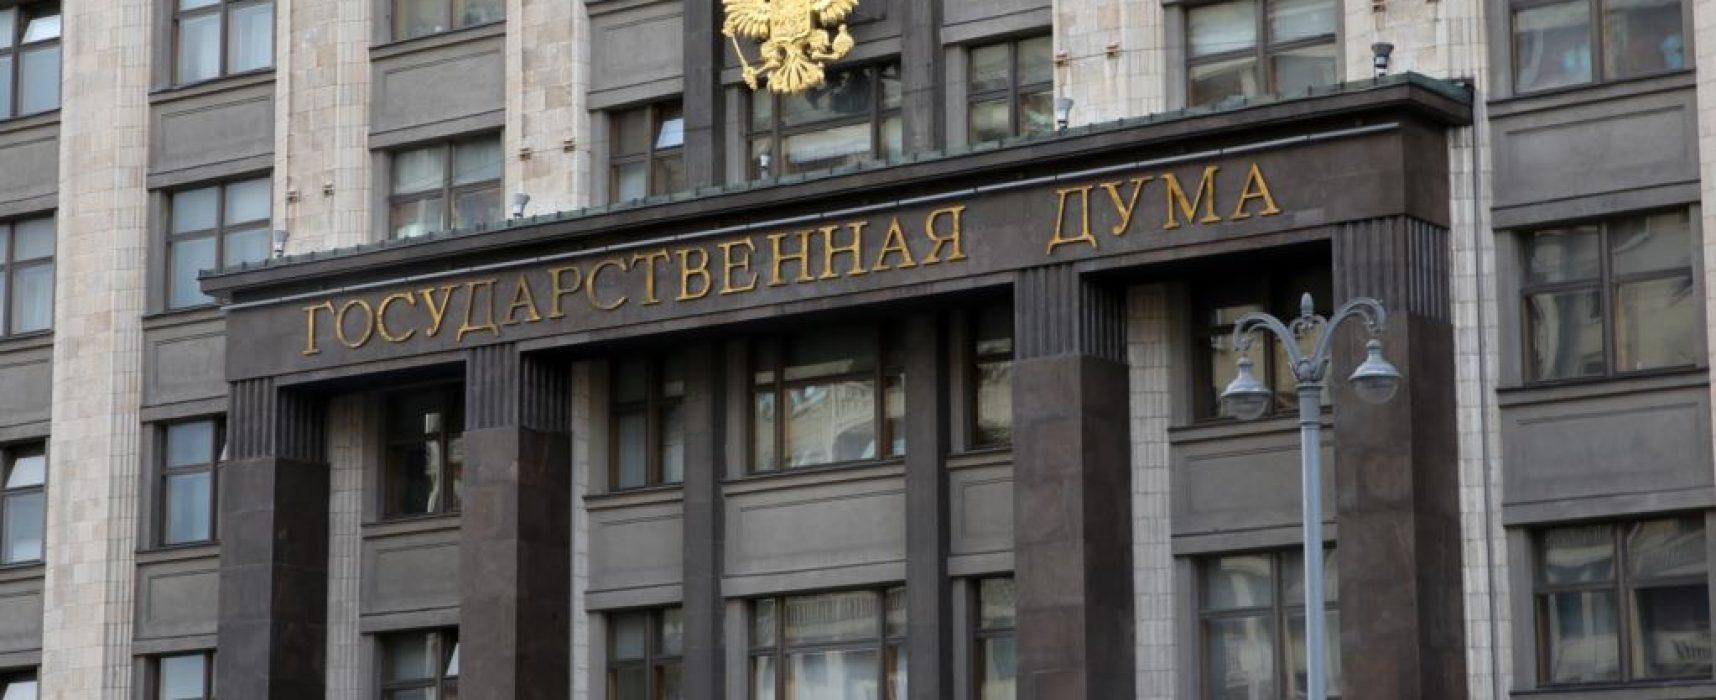 В Госдуме пожаловались в Генпрокуратуру России на Крым.Реалии и ряд СМИ, обвиняя в «фейках о коронавирусе»